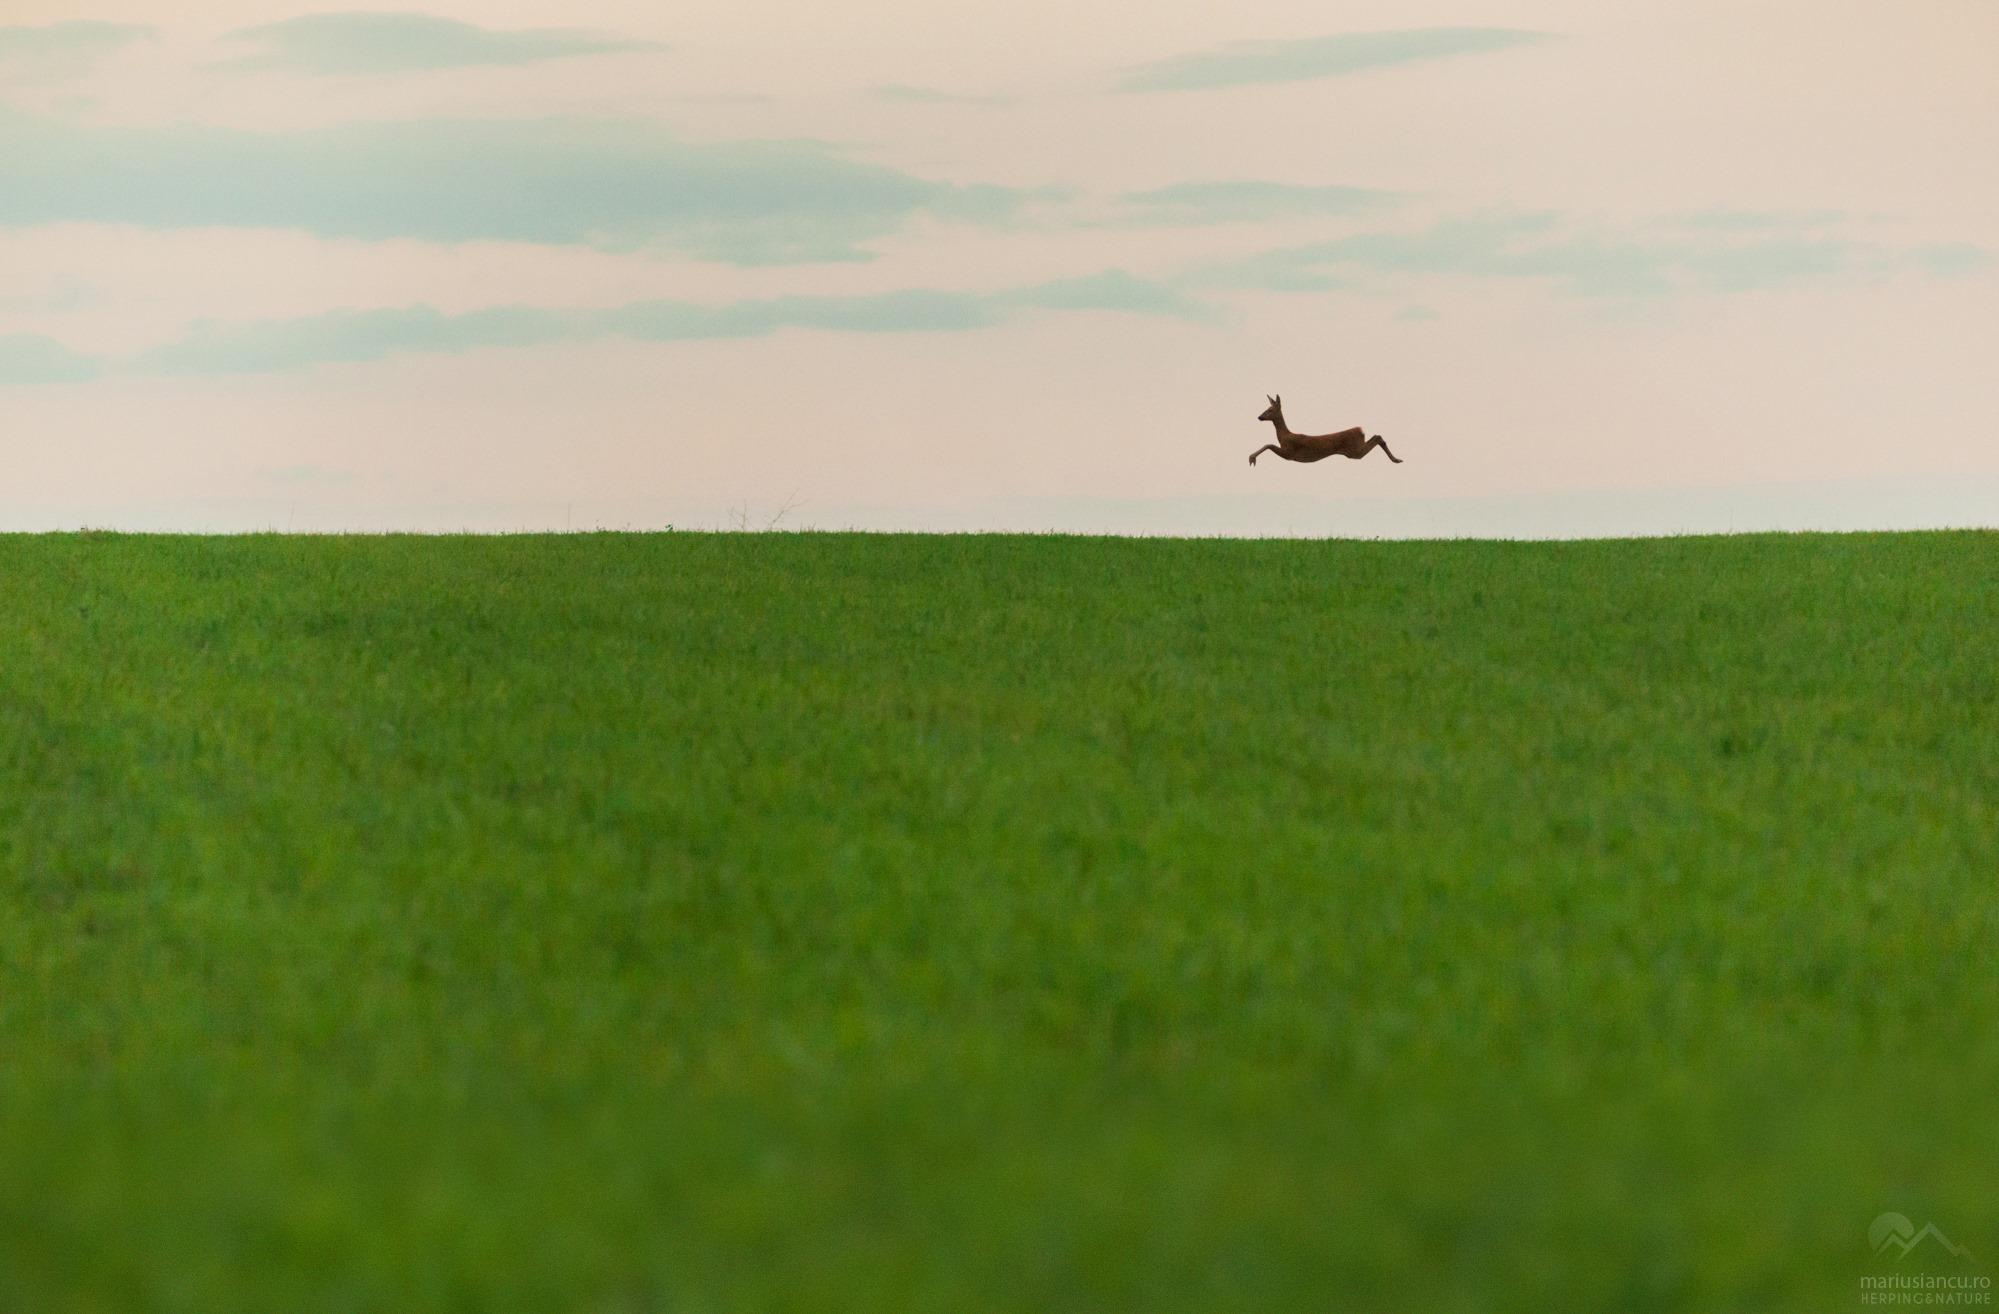 Padurea din poveste - Caprioara zburatoare